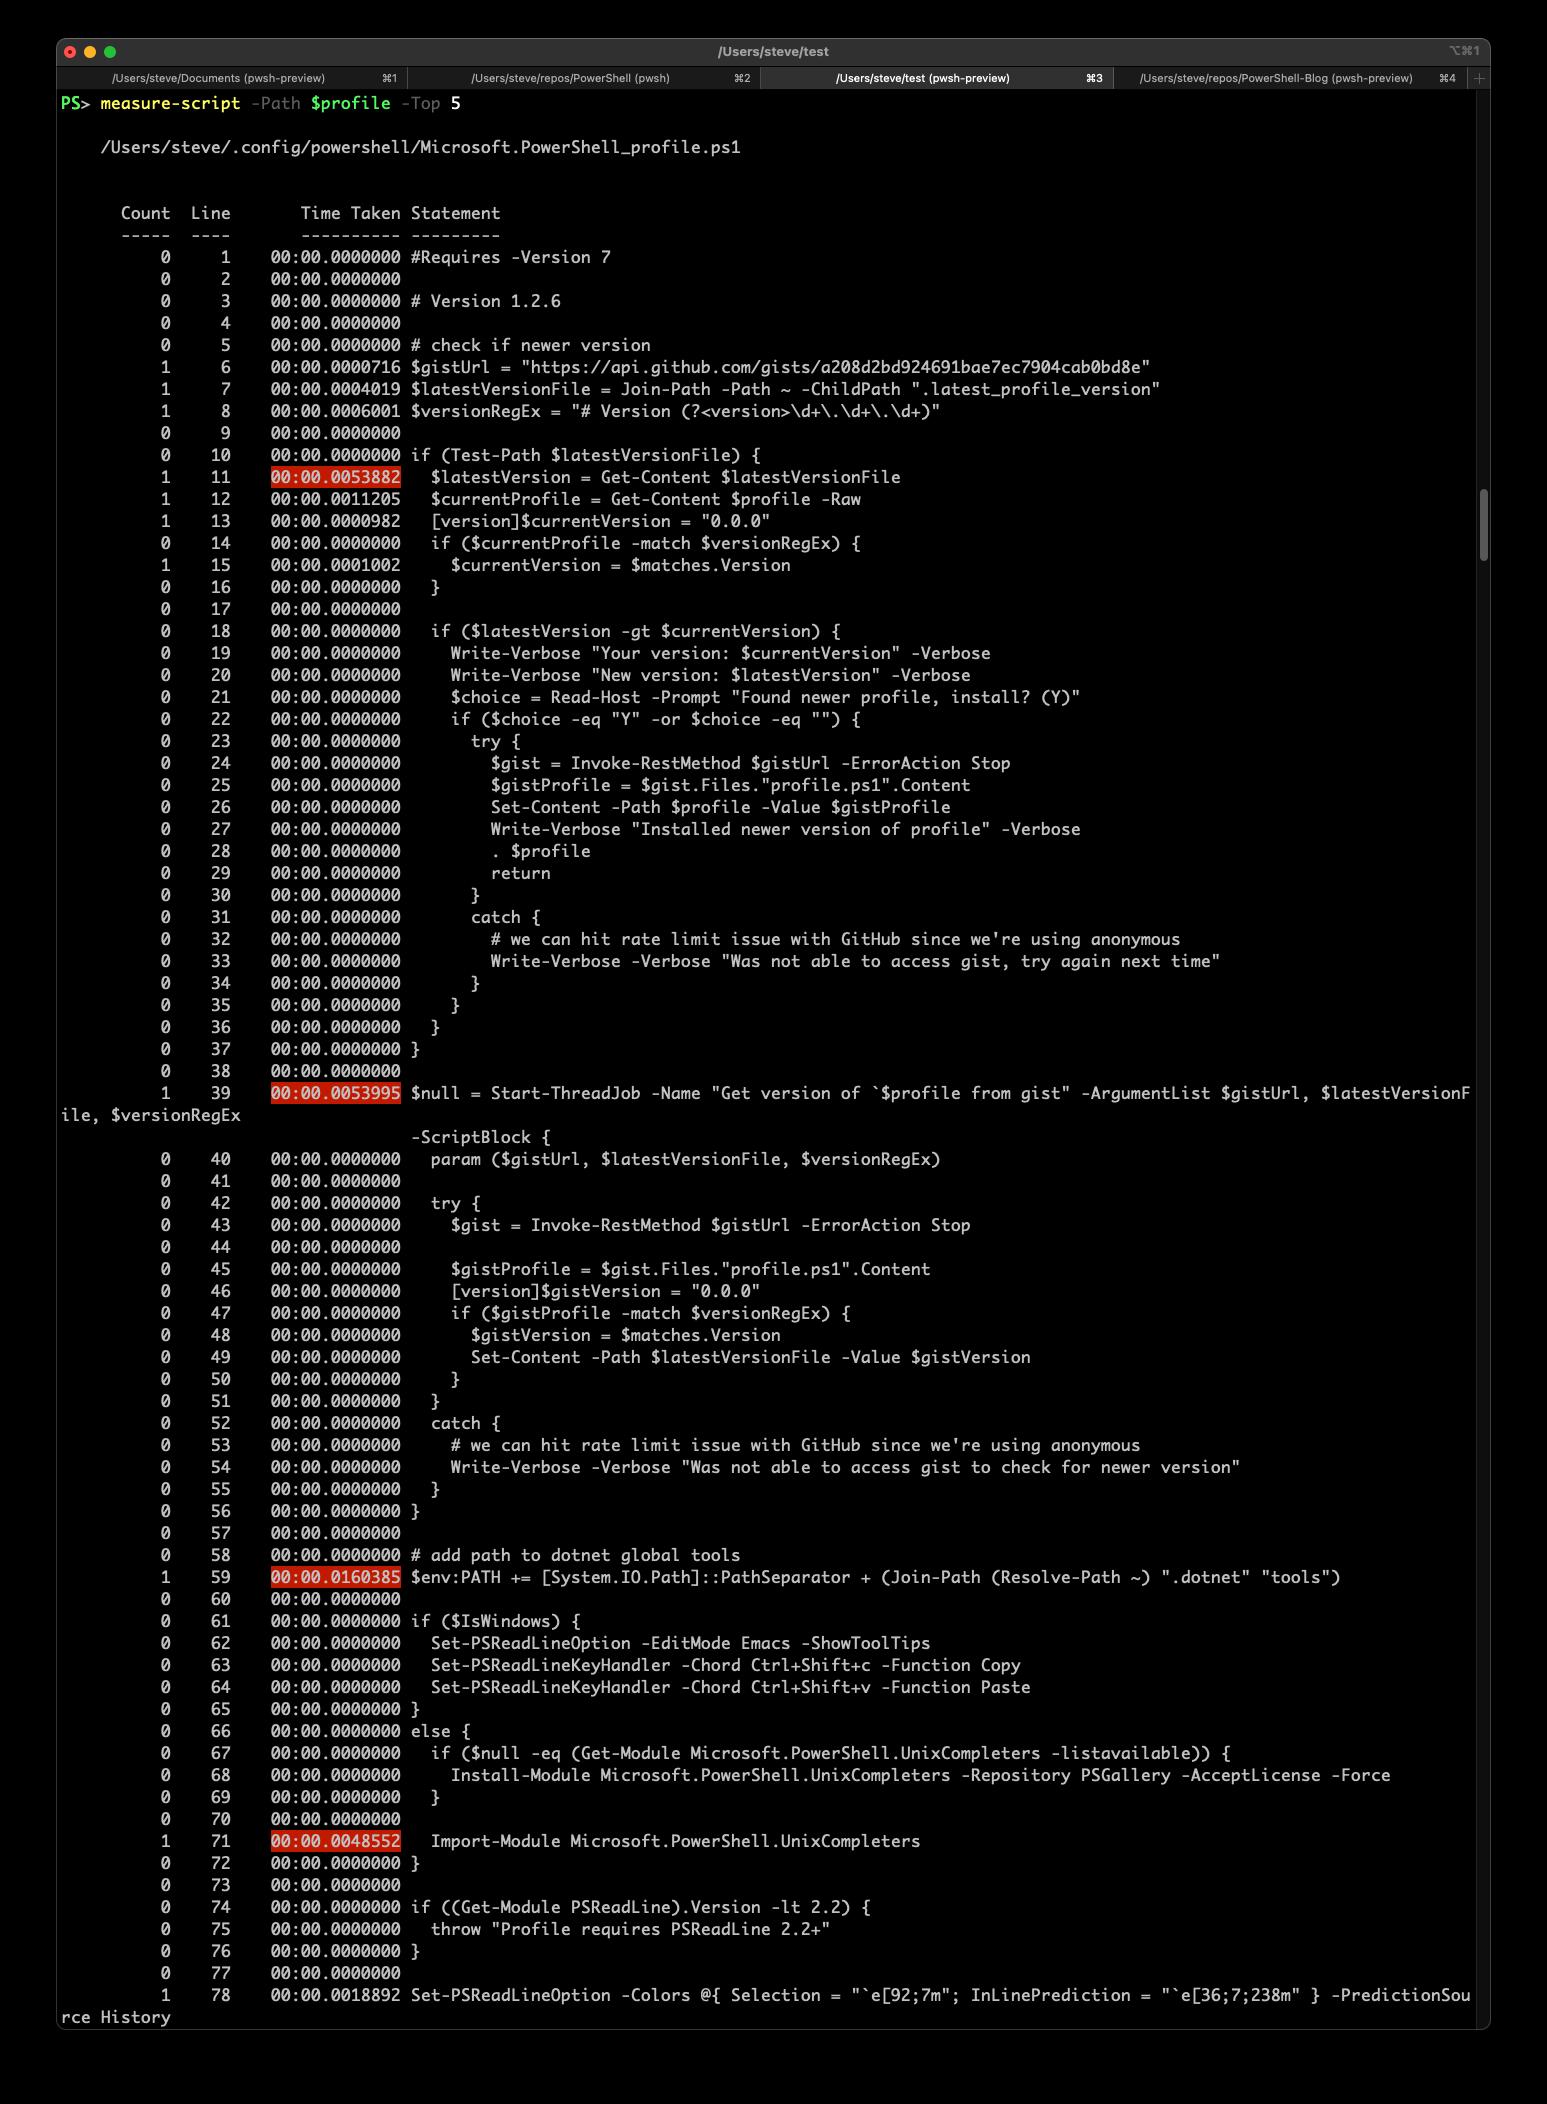 Measure-Script image